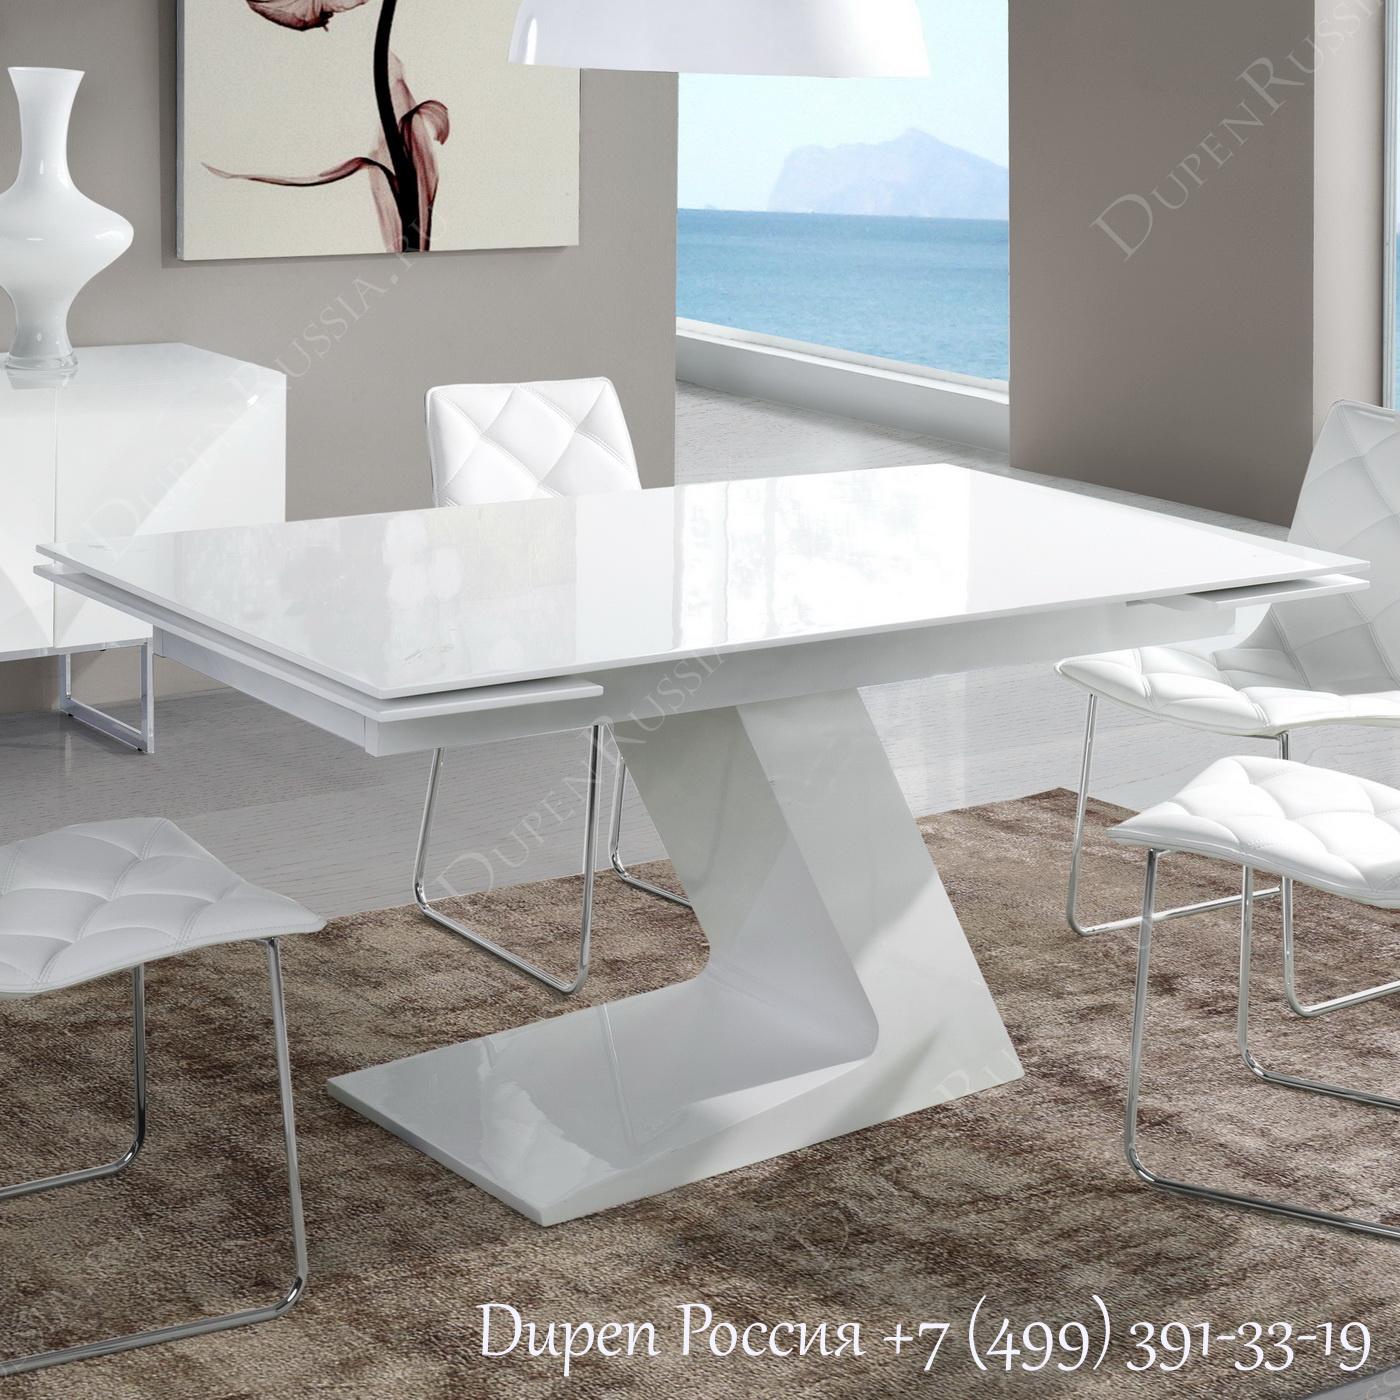 Обеденный стол DUPEN DT-21 Раскладной Белый